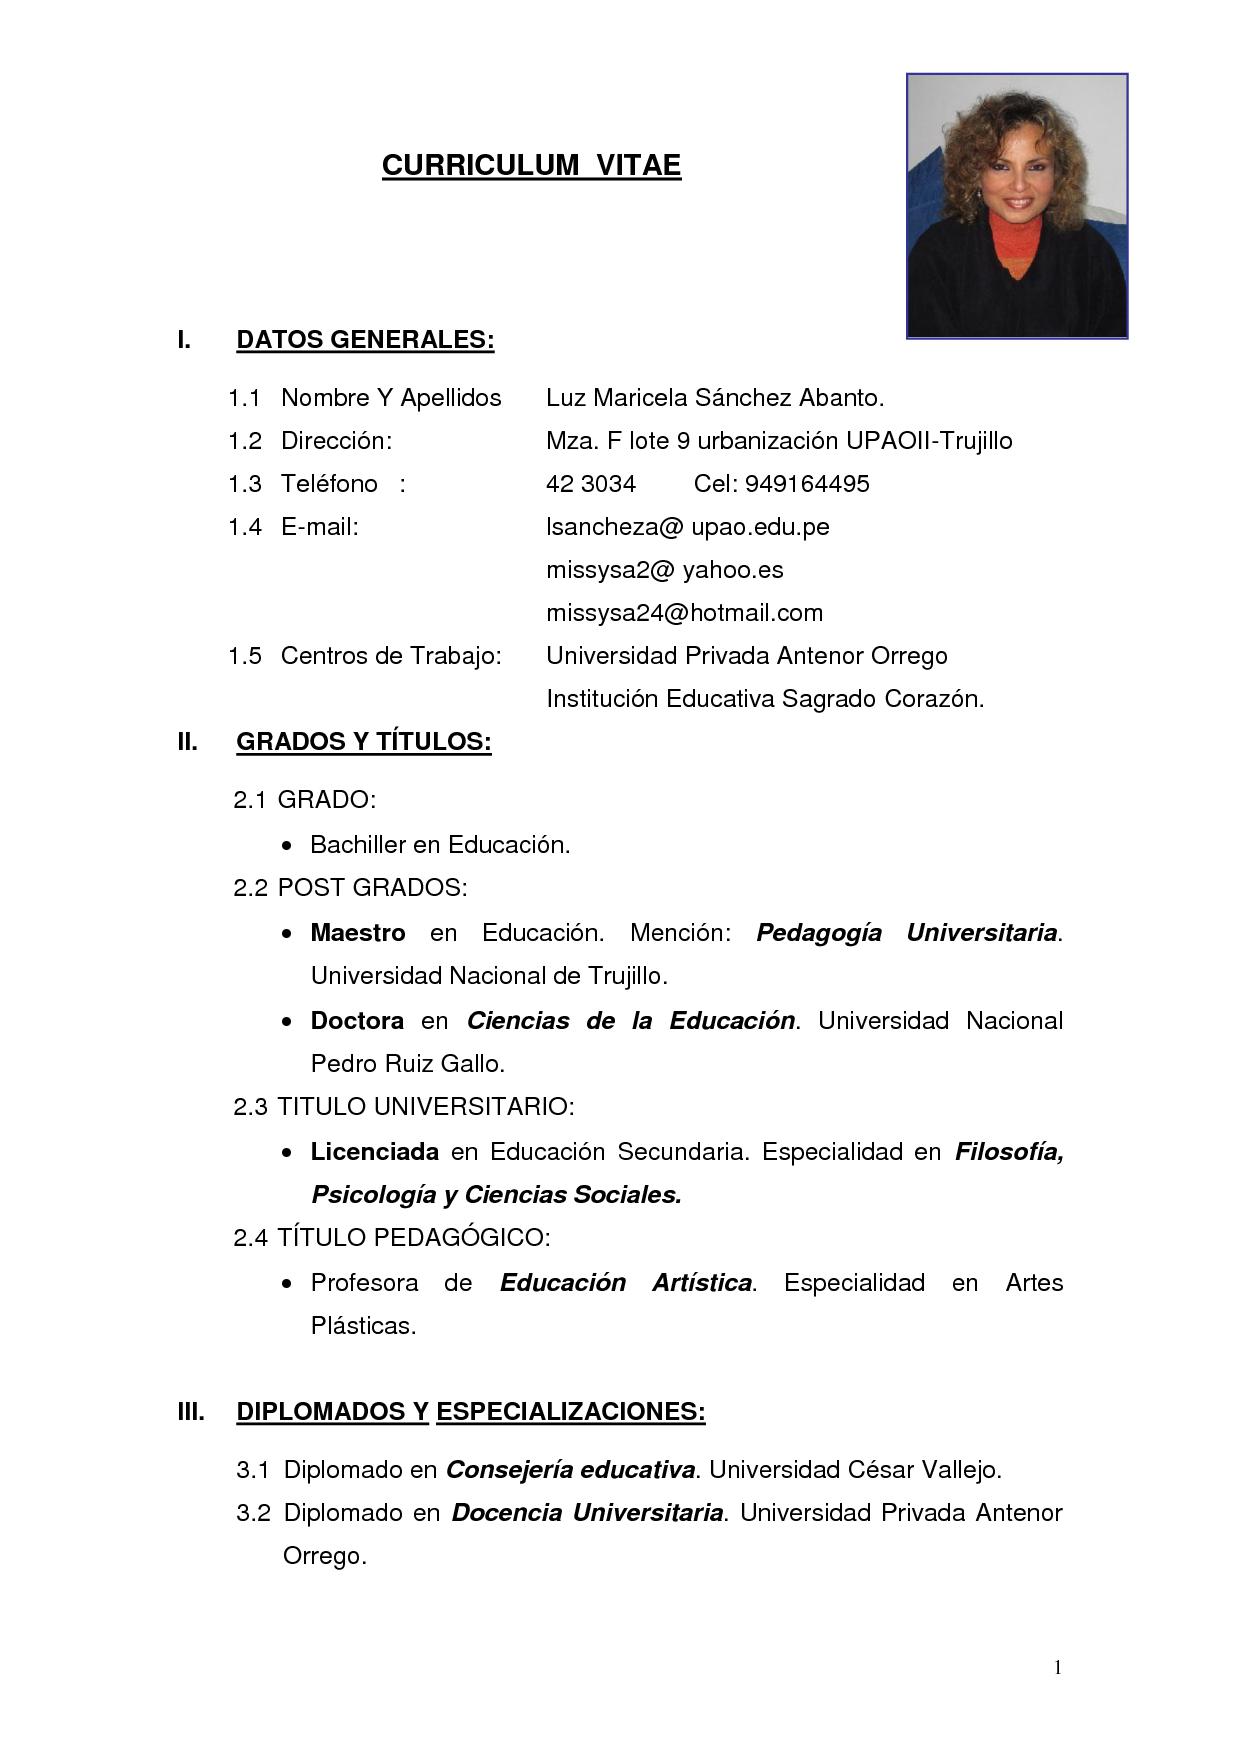 Modelo De Curriculum Vitae Modelo de curriculum vitae